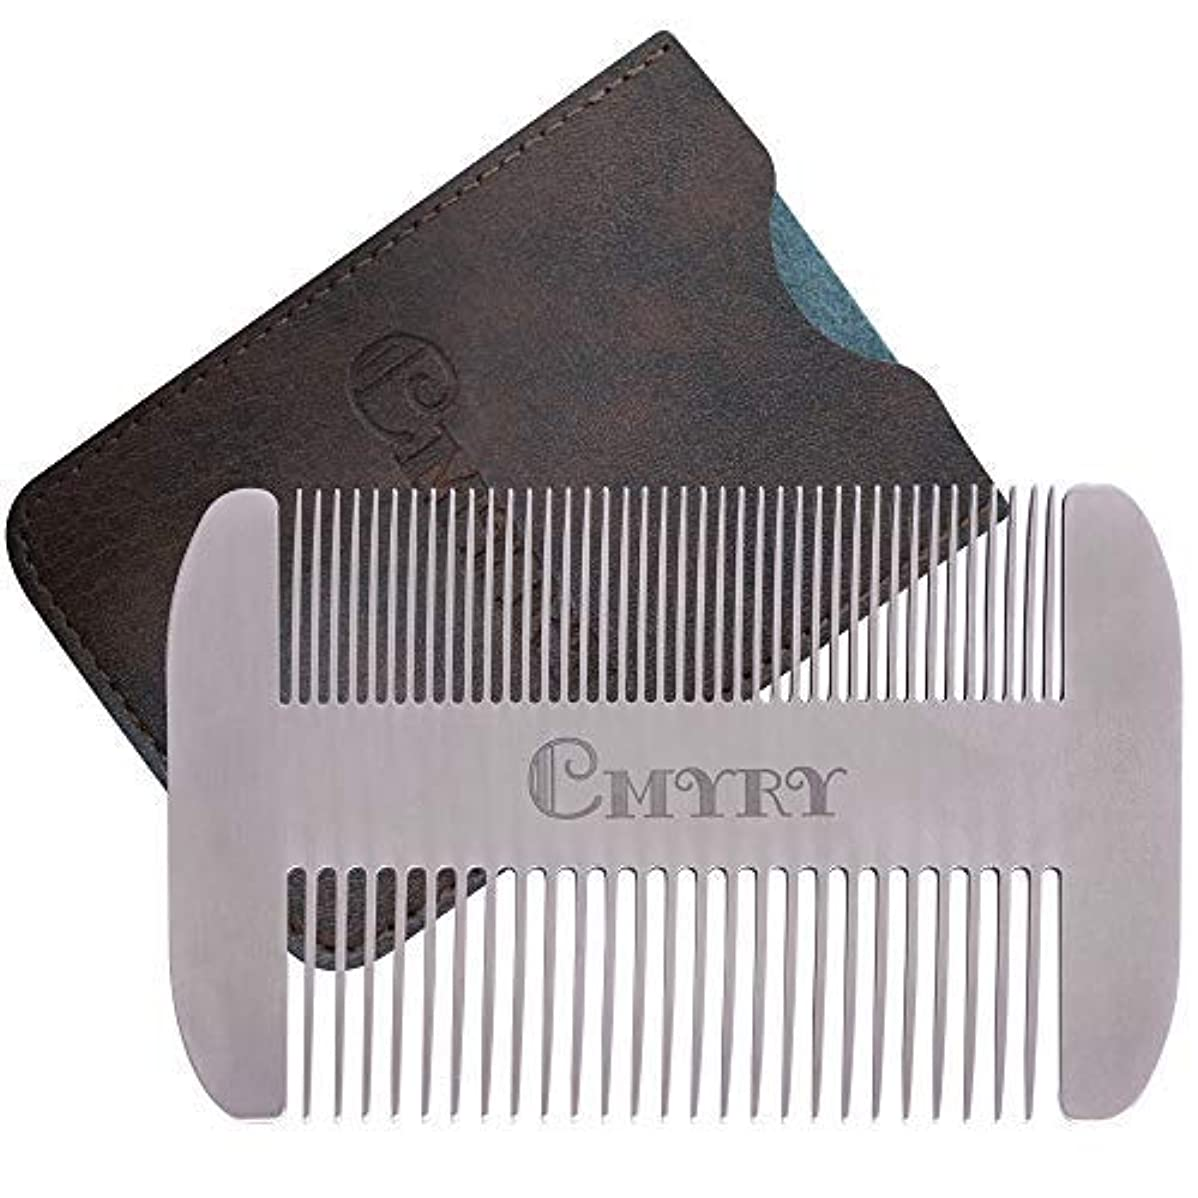 タイルキャンパス揃えるBeard Comb EDC Mustache Stainless Steel Wallet Comb Beard & Hair Pocket Mini Anti-Static Comb for Man(travel metal wallet) [並行輸入品]